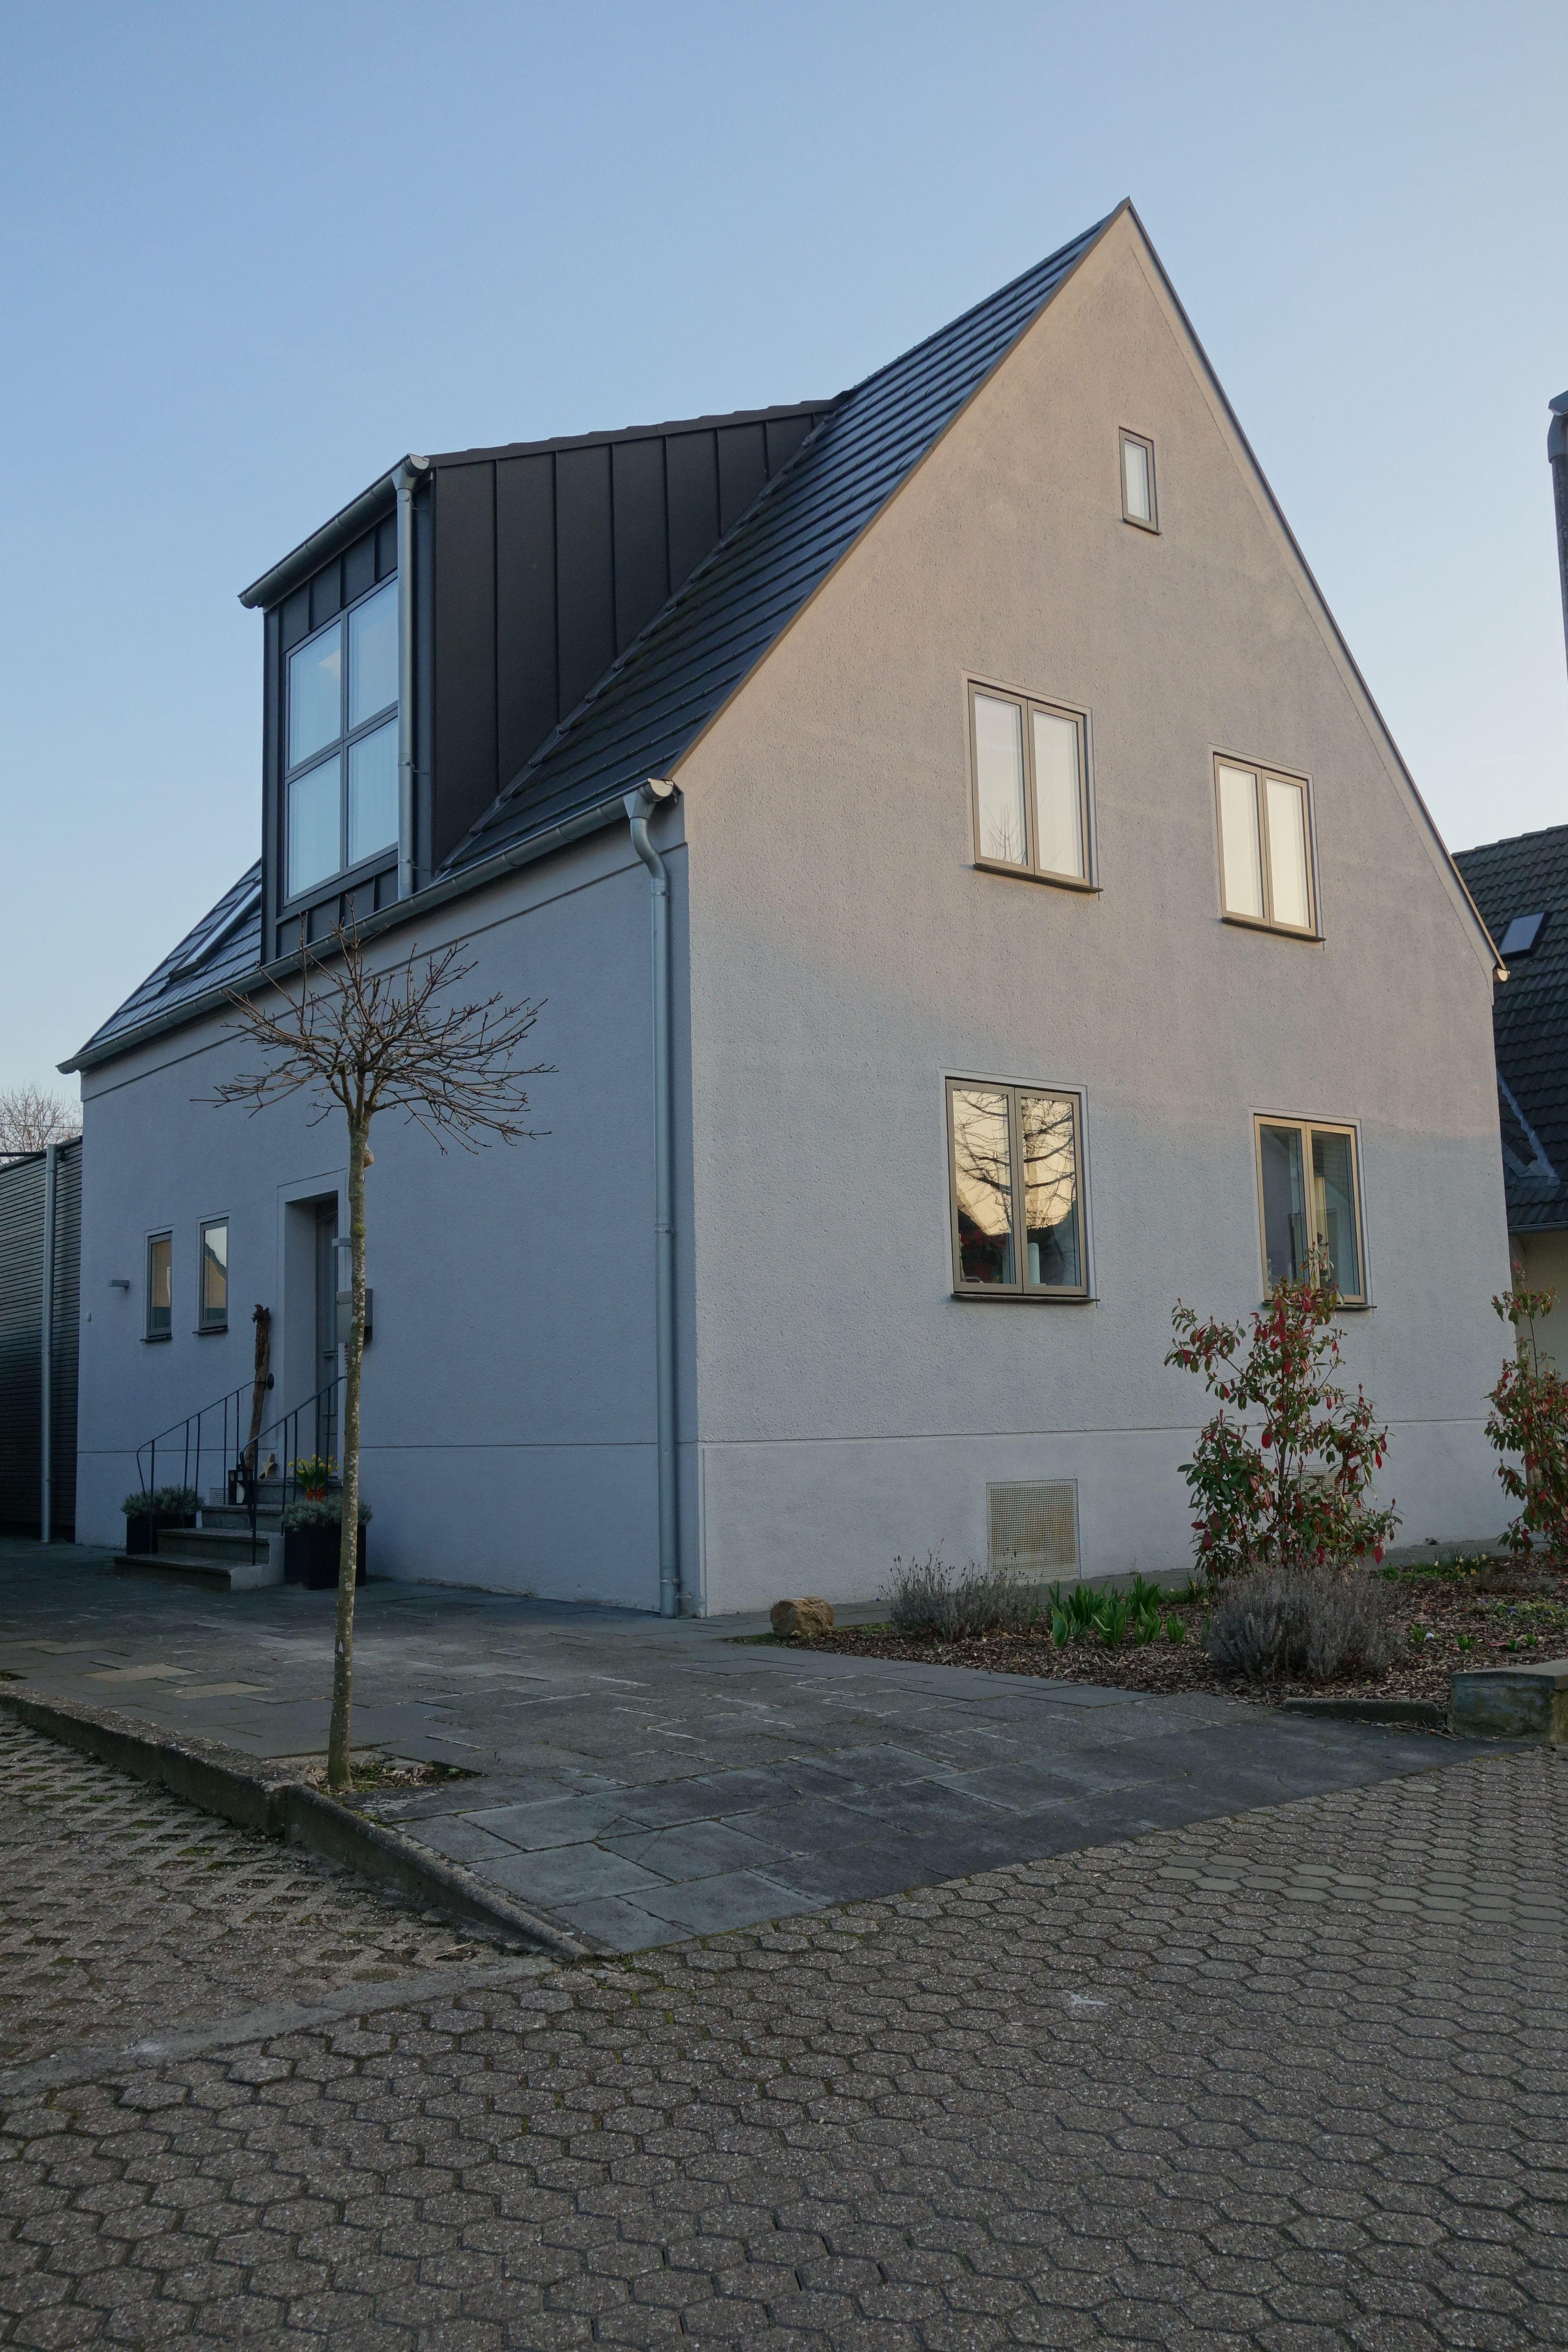 Fenster außenansicht haus  EFH in Hürth nach Umbau #velfac #fenster #bodentiefefenster ...